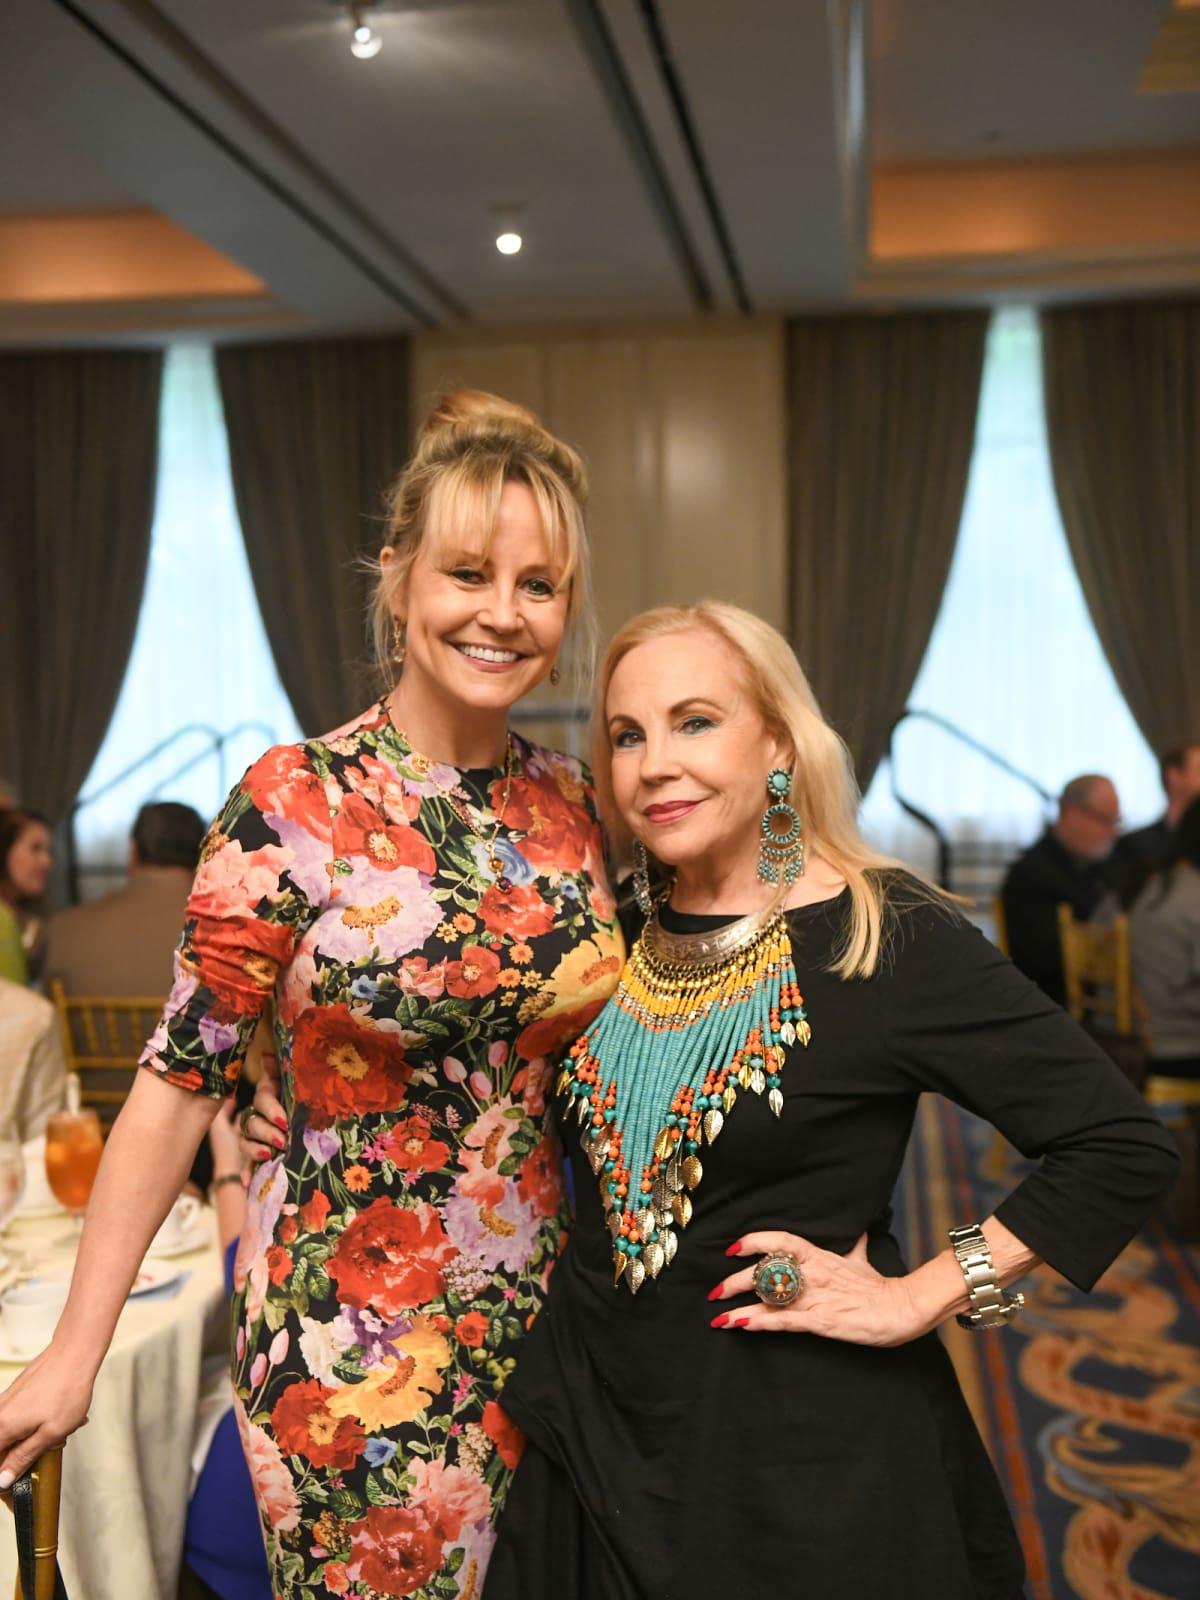 Laci Baird and Carolyn Farb/JudyMission